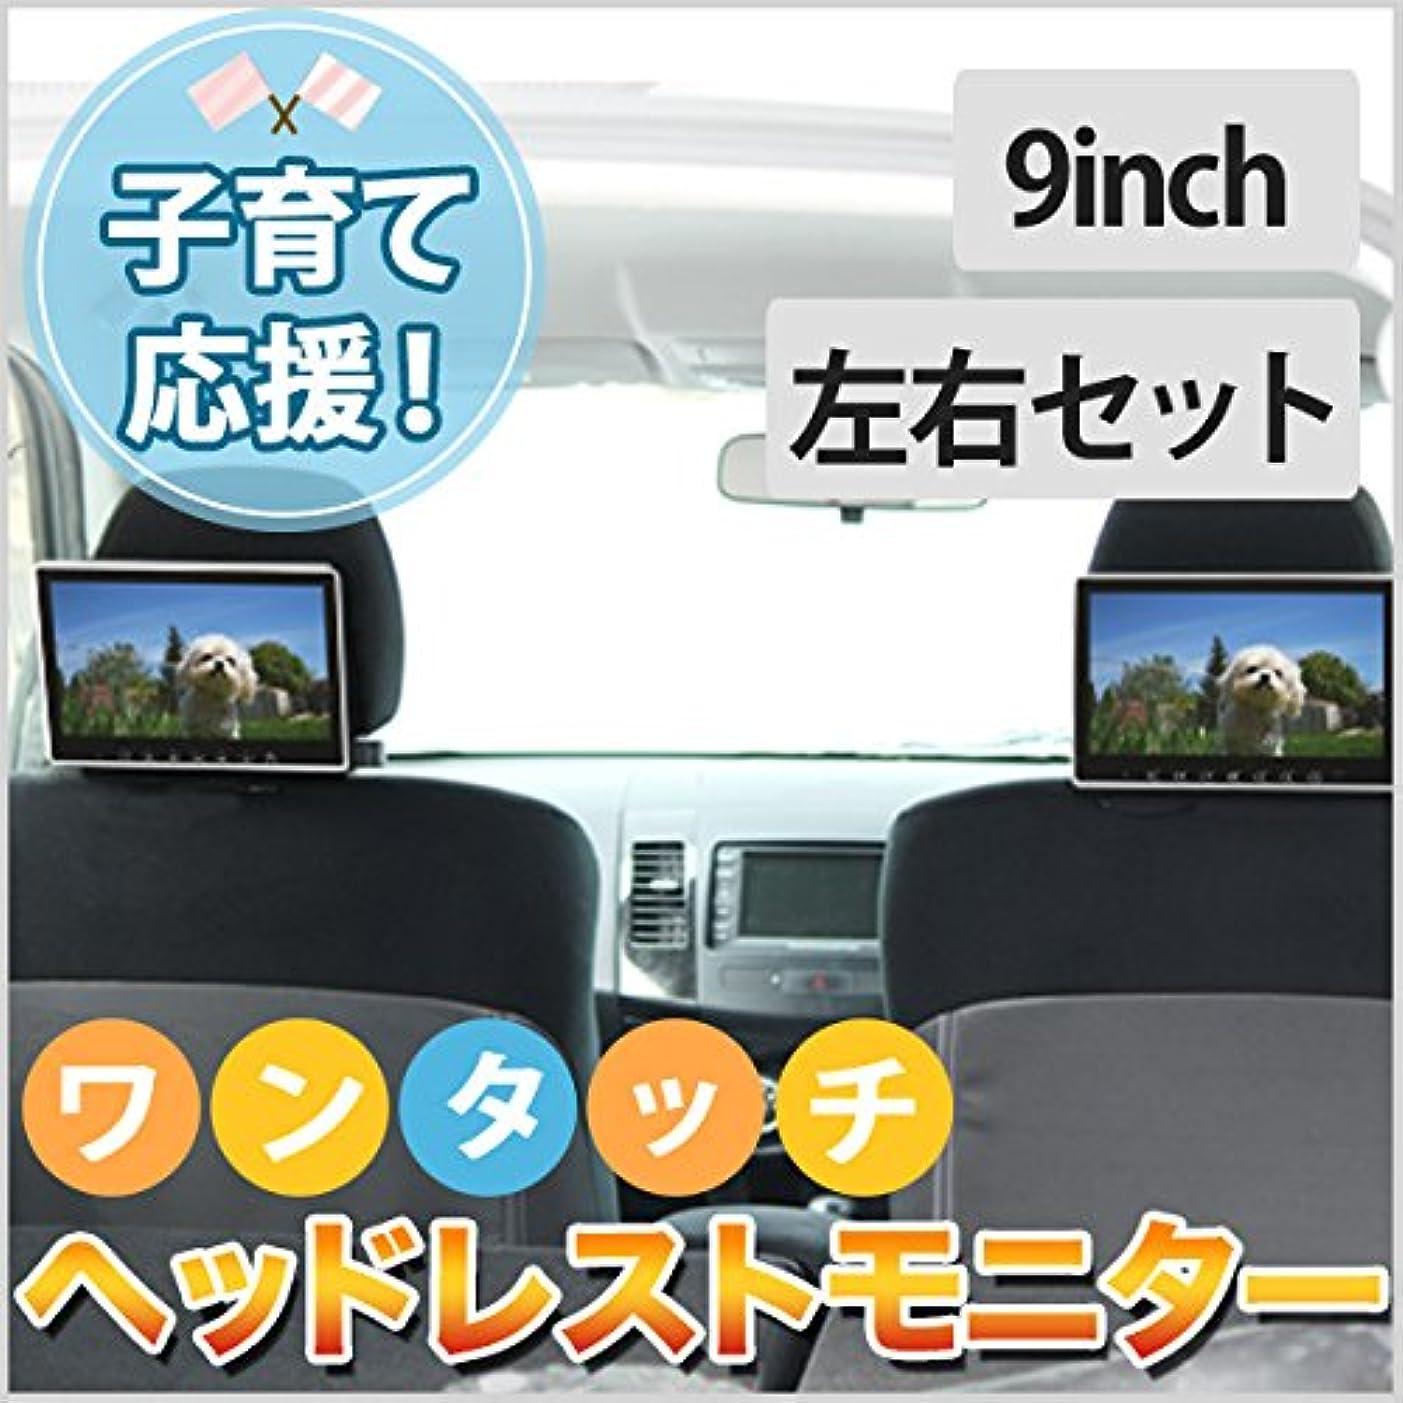 珍味背骨置くためにパックXTRONS フリップダウンモニター 13.3インチ 大画面 高画質1920x1080フルHD 1080Pビデオ再生可 超薄 軽 HDMI対応 USB?SDドア連動